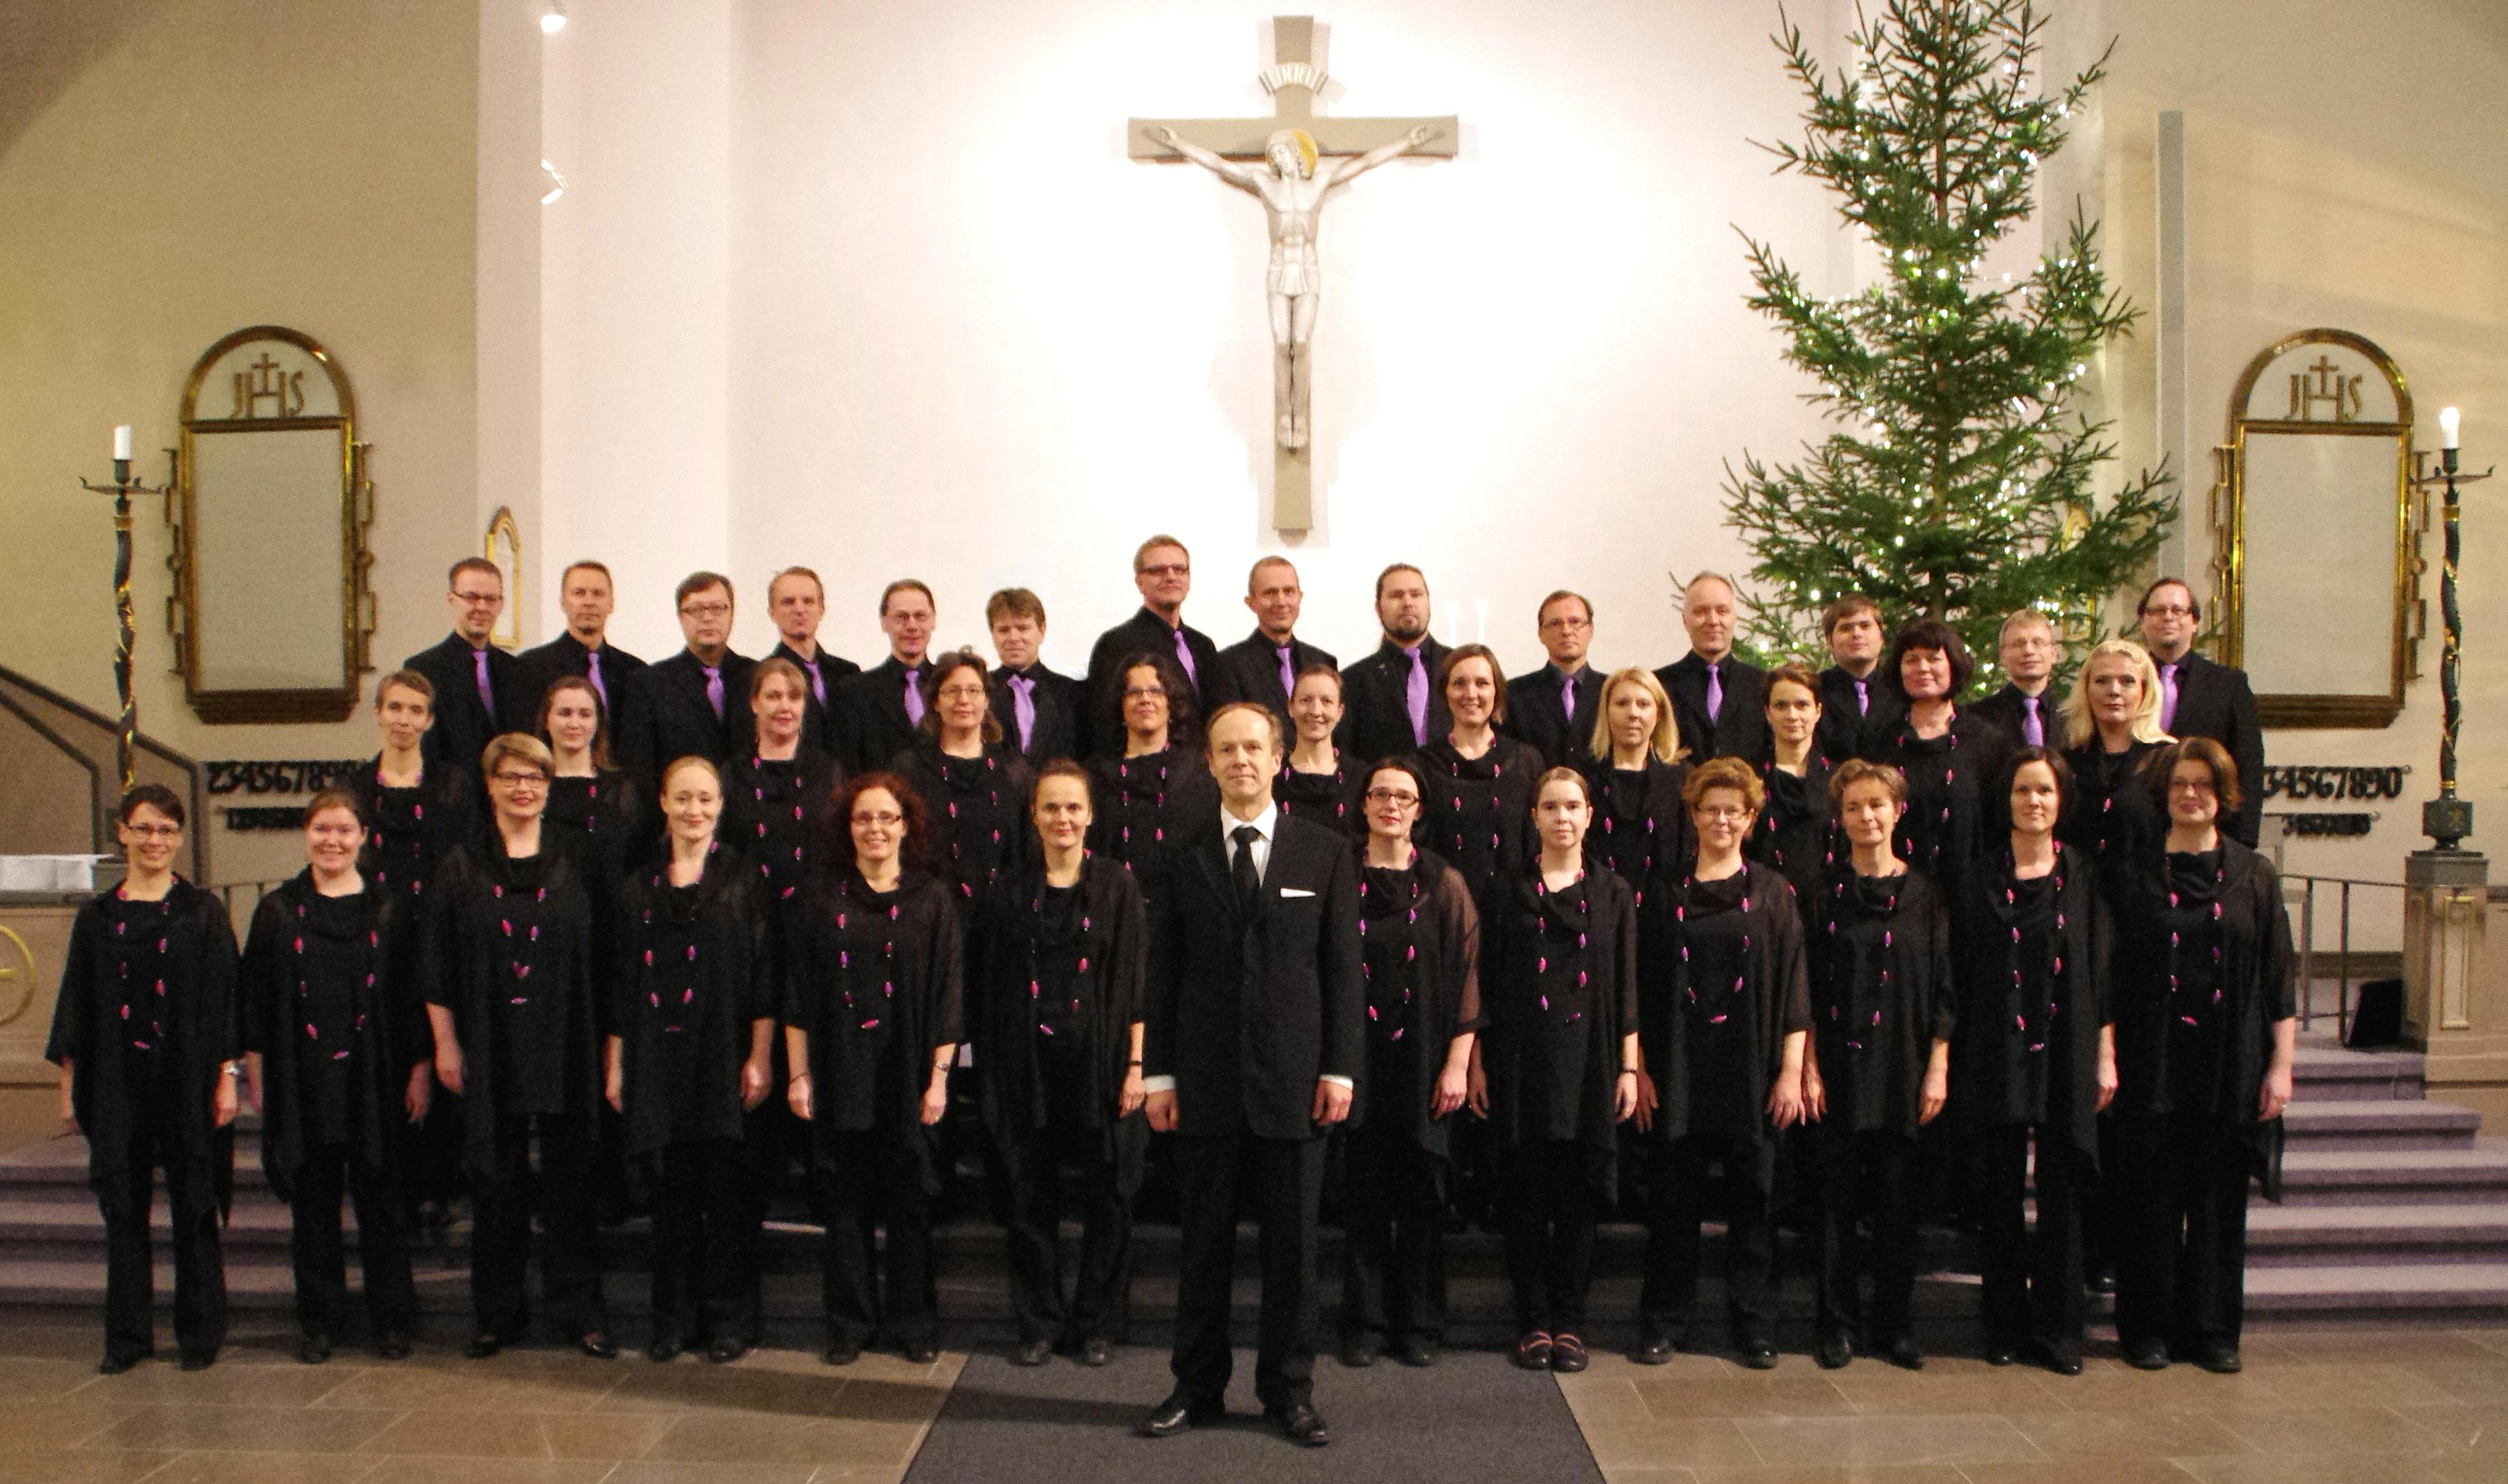 Cantabile-kuoron joulukonsertti - Tule joulu! | Helsingin Uutiset